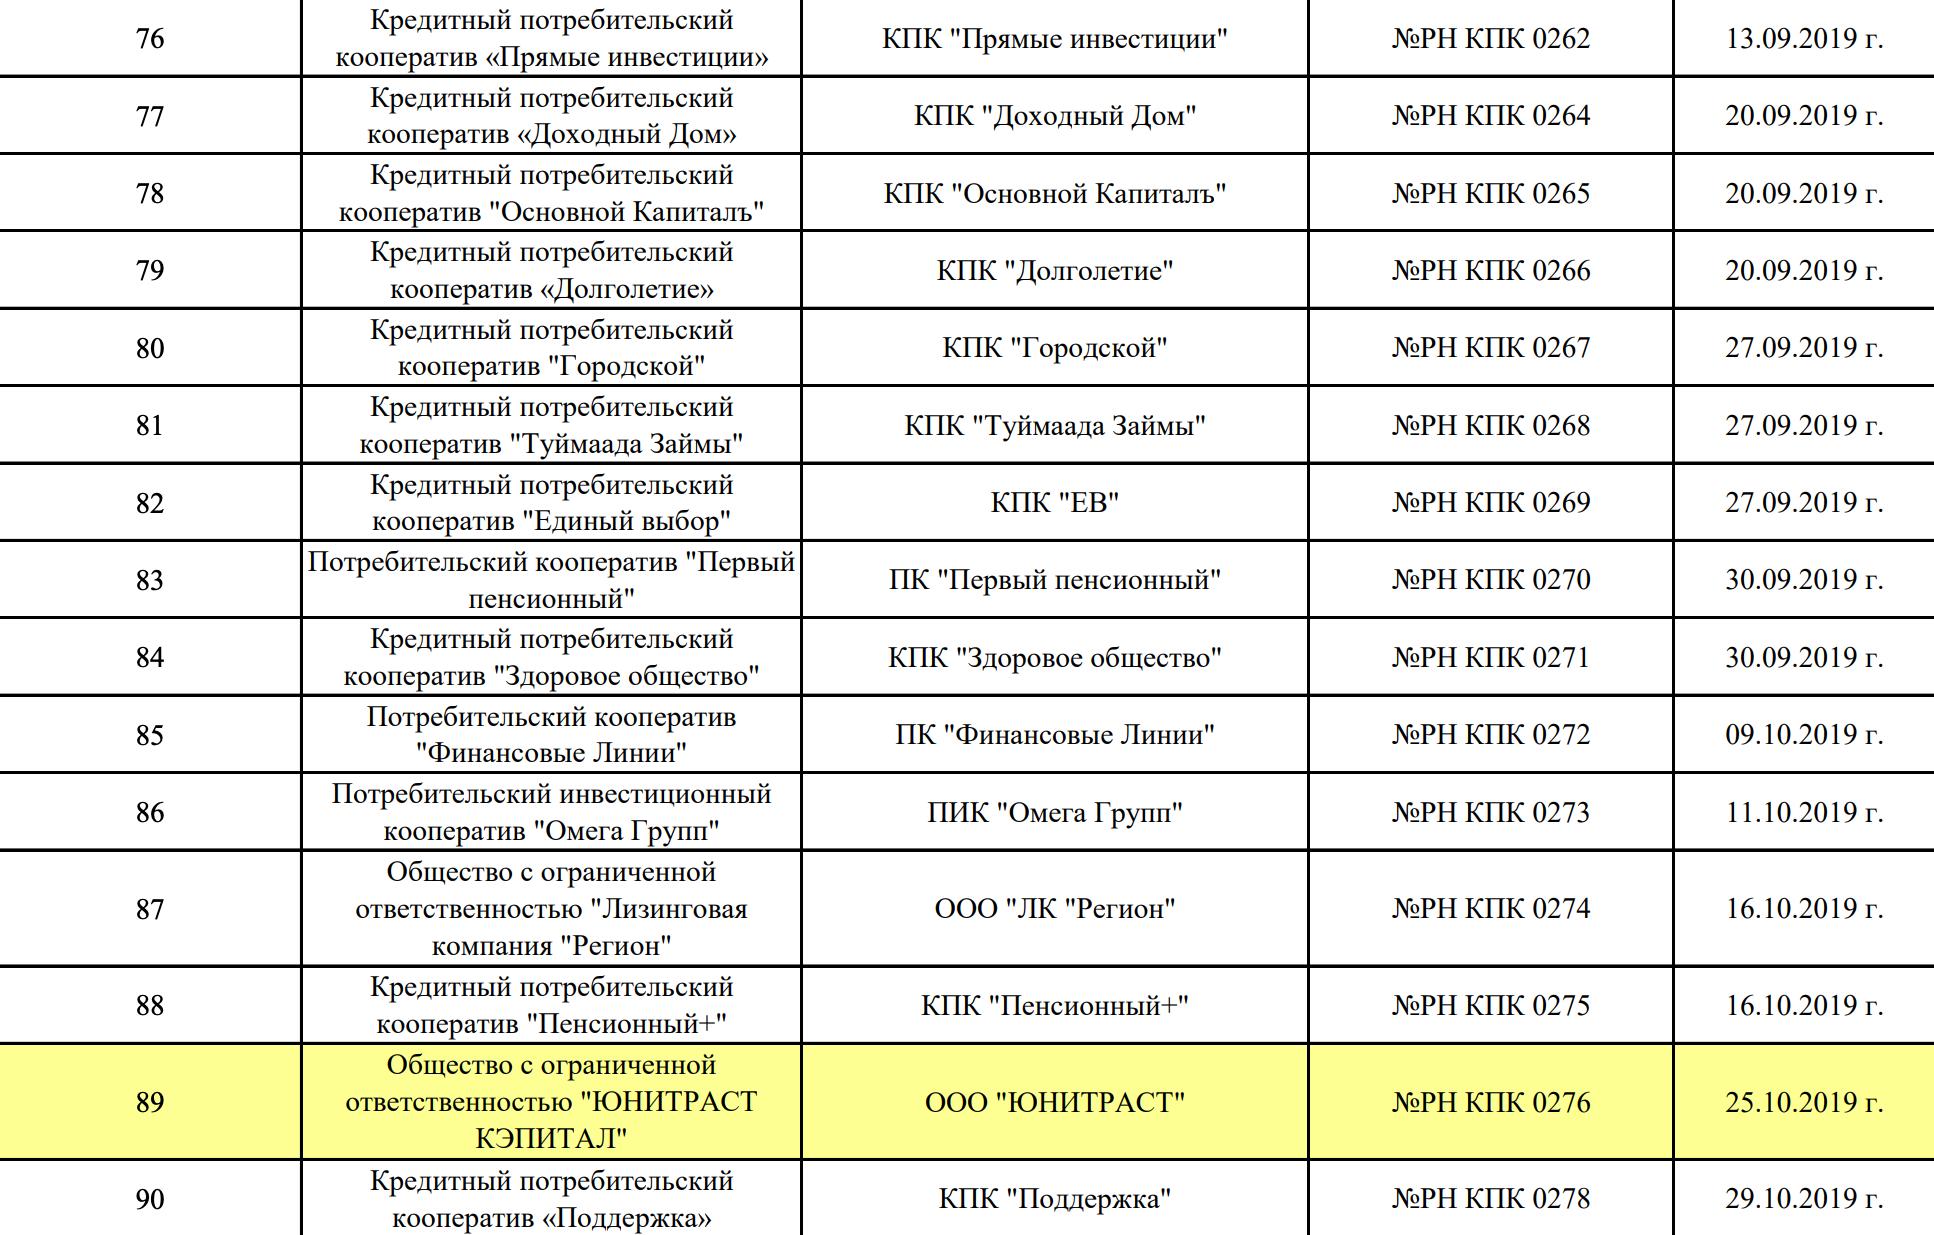 На своем сайте МОВС подтверждает, что «Юнитраст» с ними действительно сотрудничает